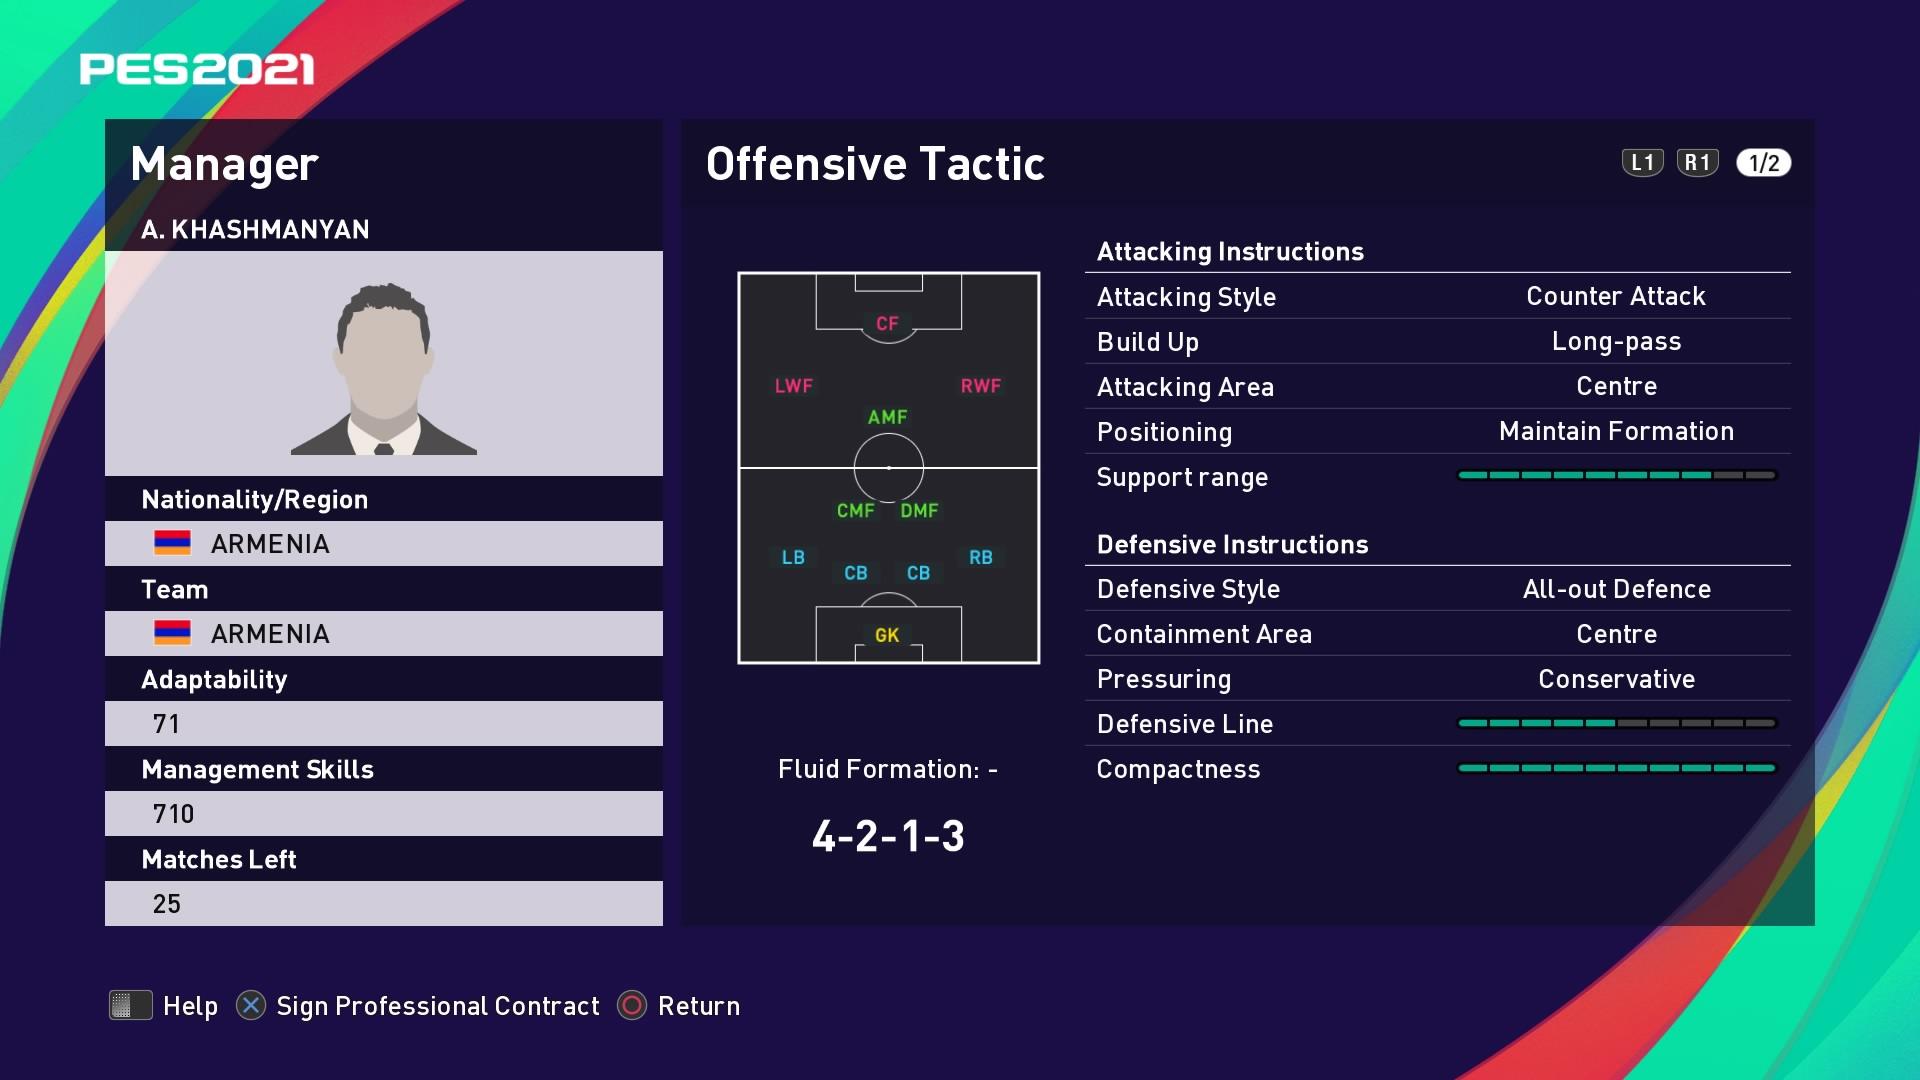 A. Khashmanyan (Abraham Khashmanyan) Offensive Tactic in PES 2021 myClub